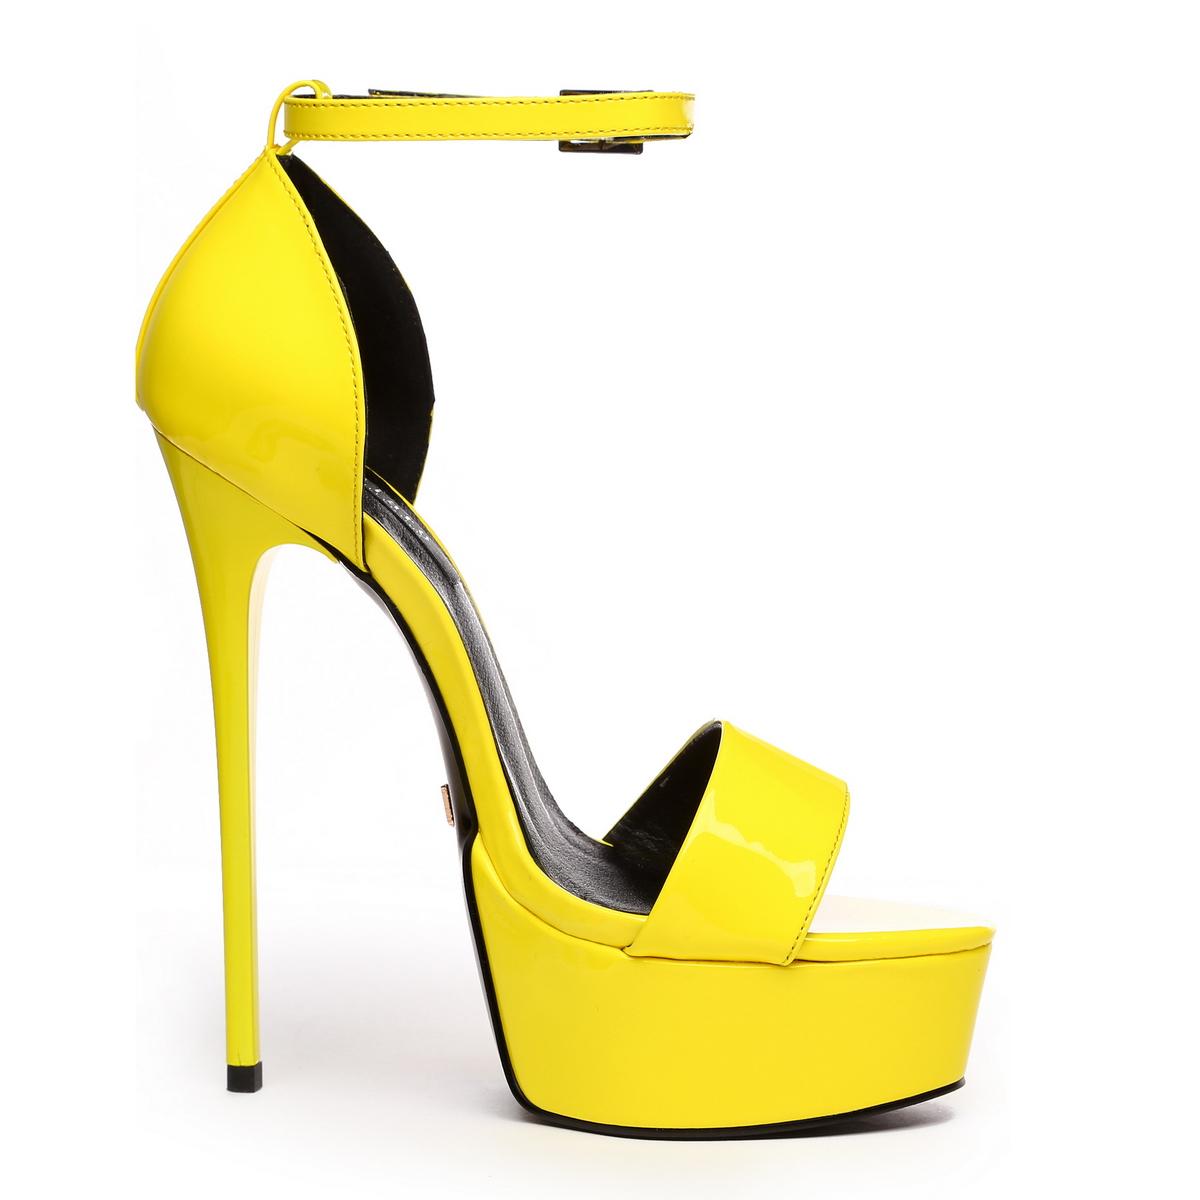 GIARO - Damen Plateau High Heel Sandalatten - Lack Gelb Schuhe in Übergrößen – Bild 4